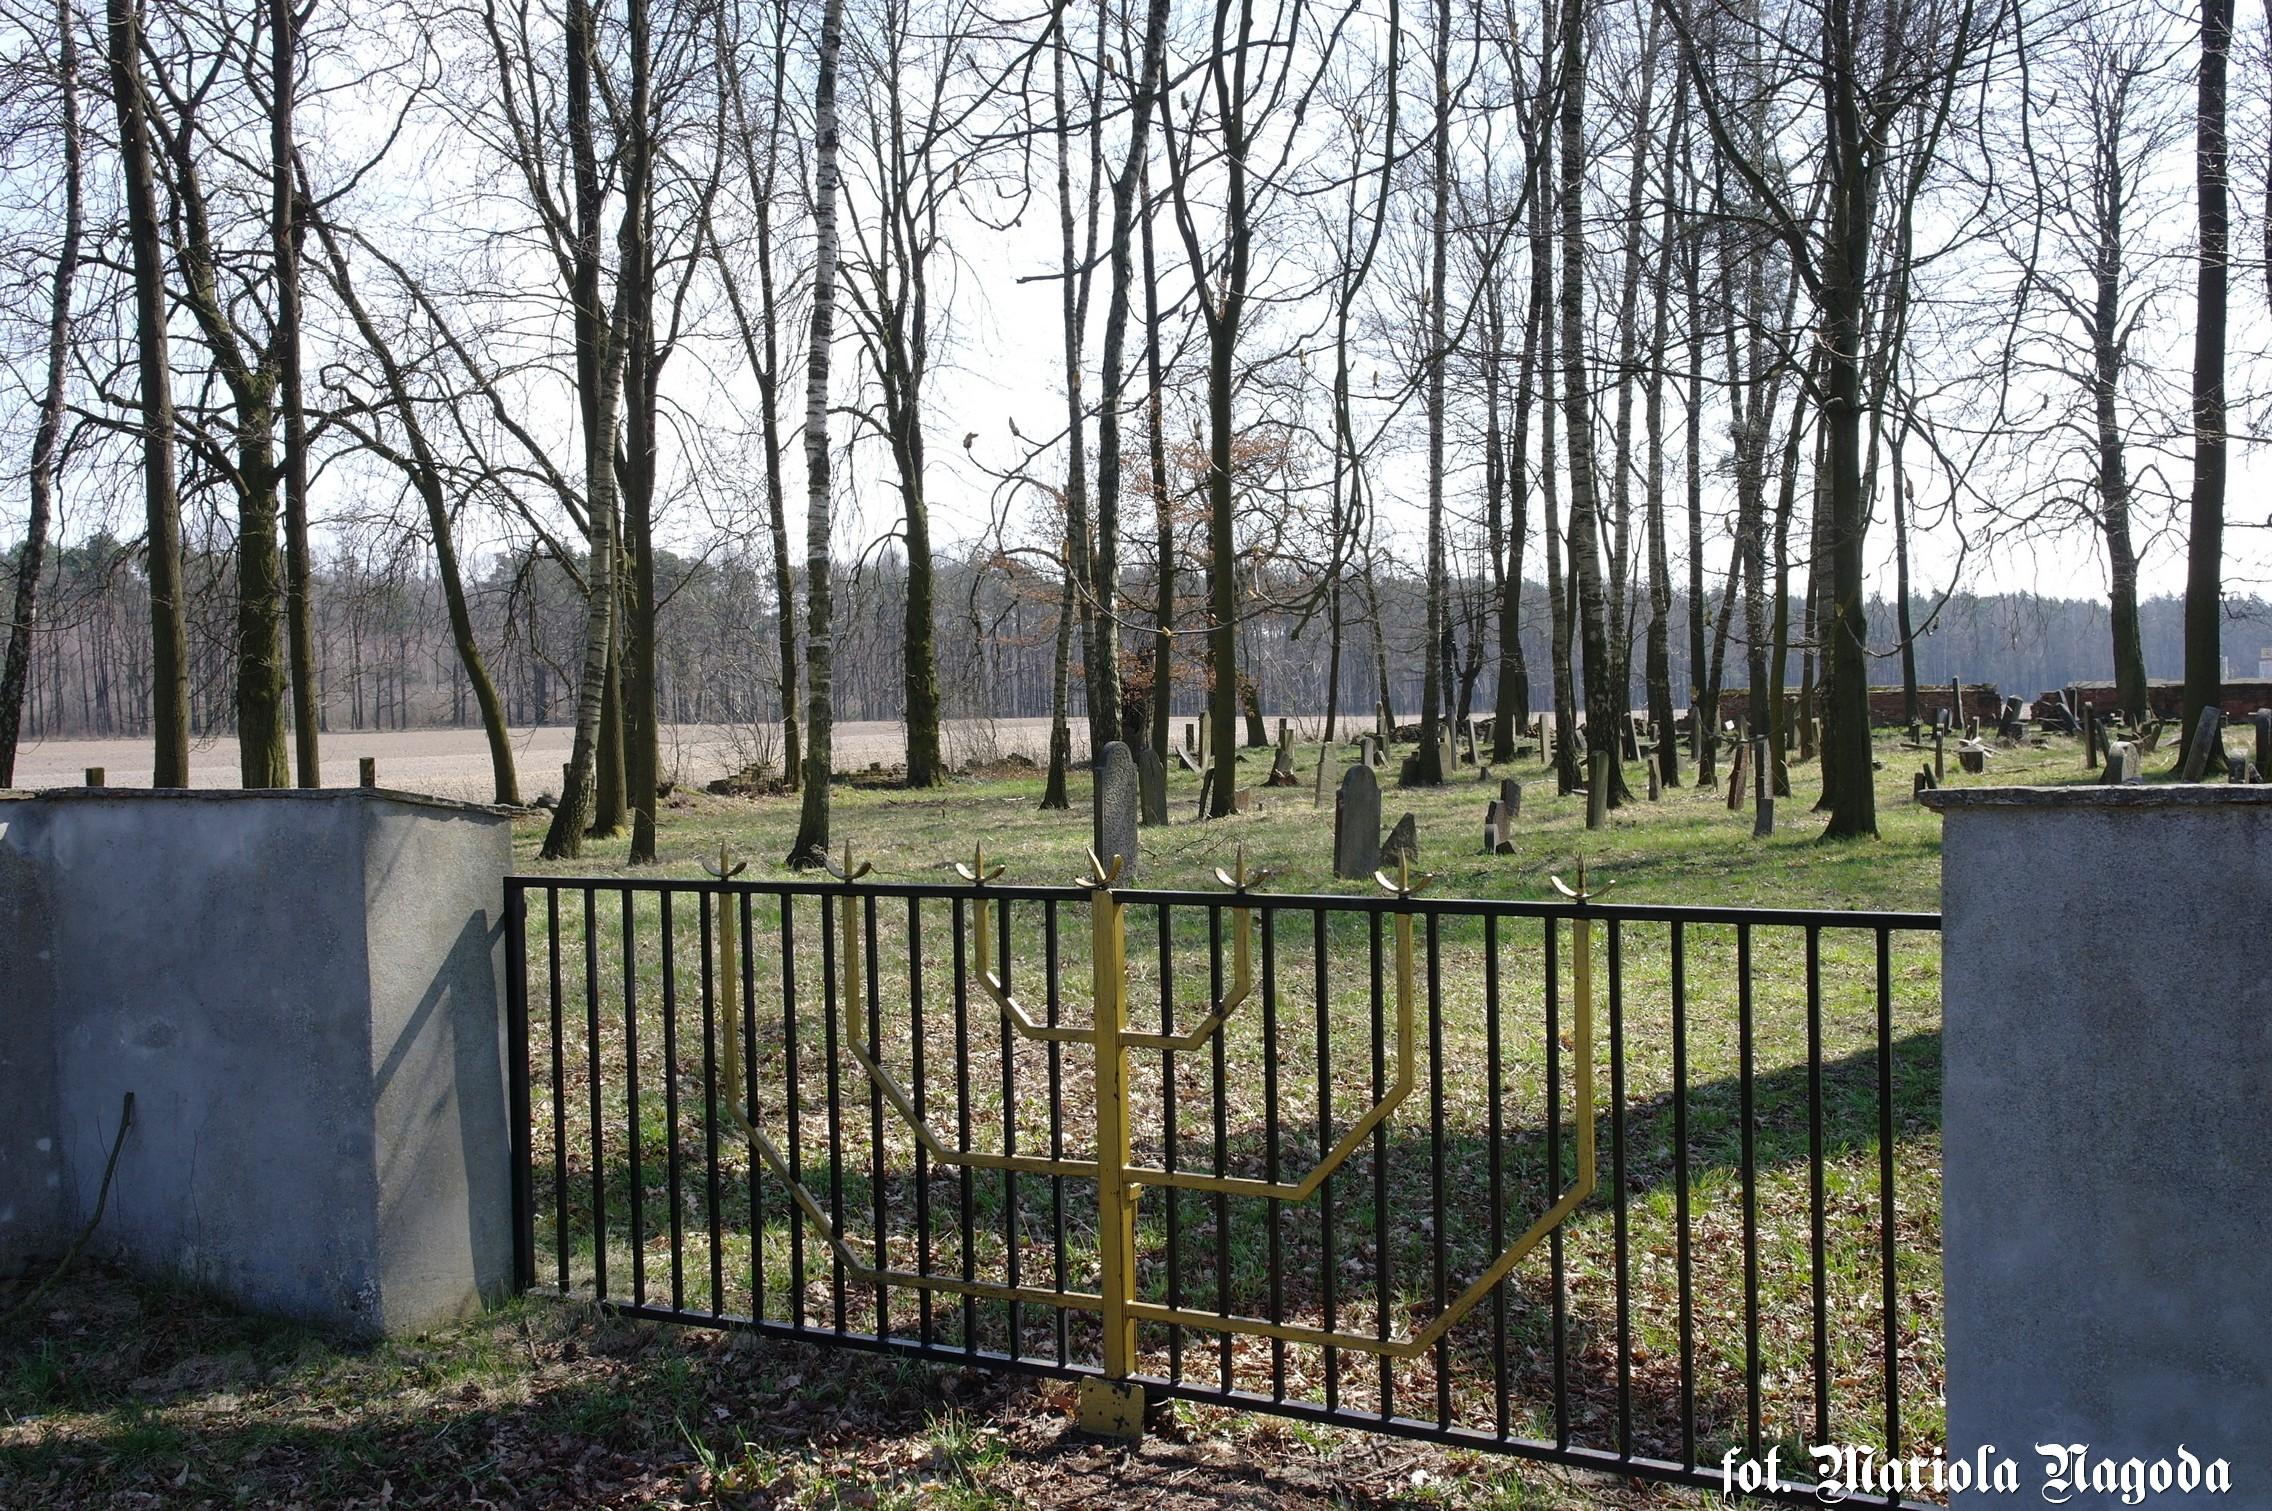 dobrodzien-cmentarz-zydowski-3